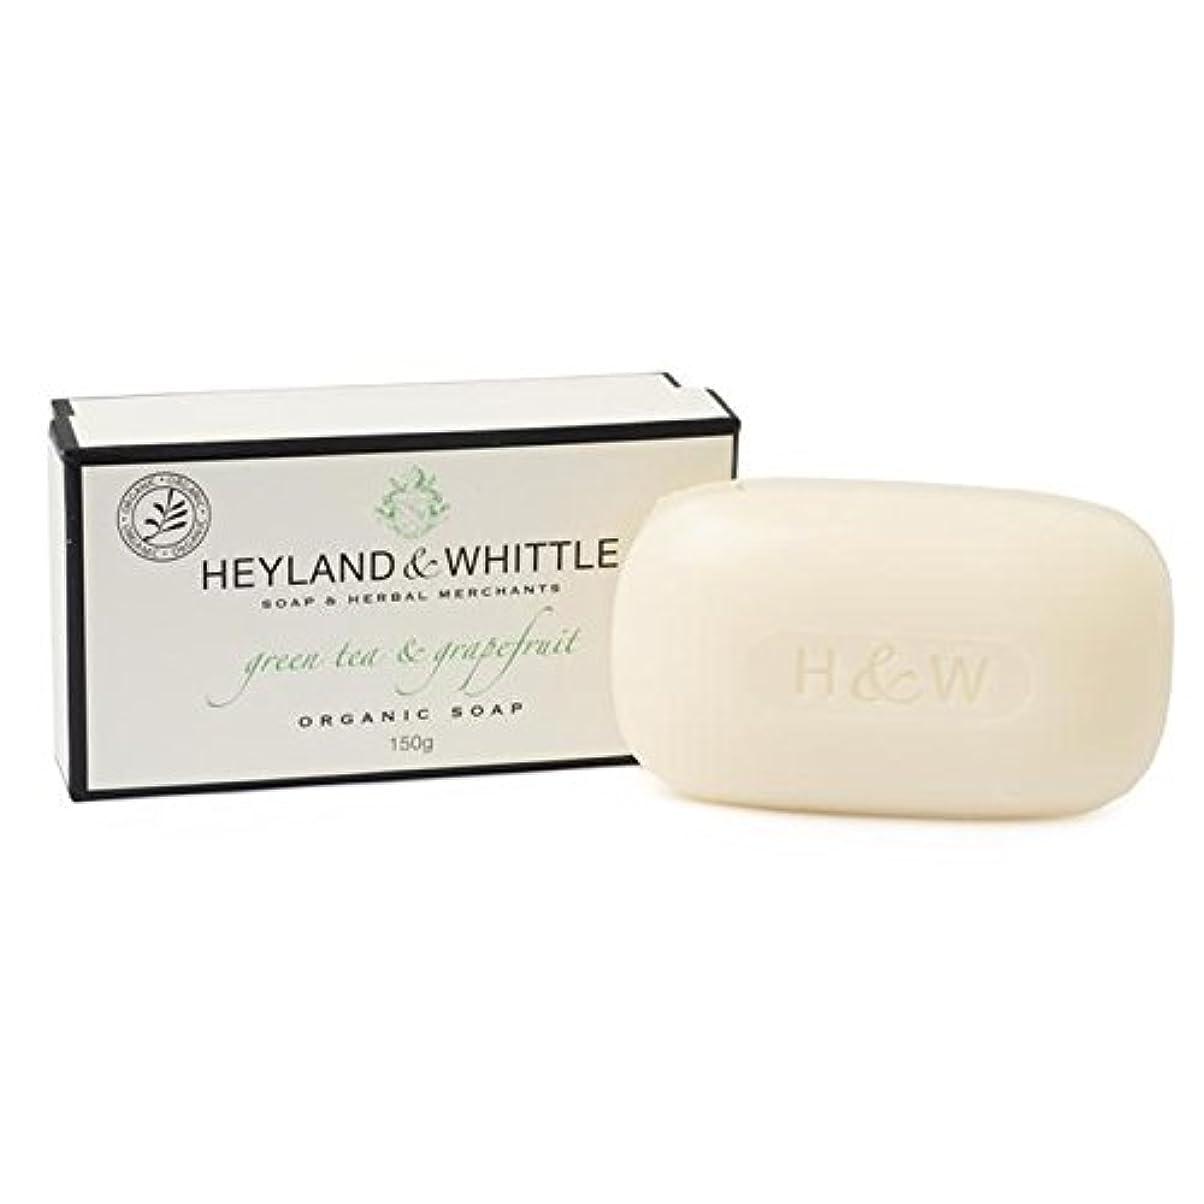 ズームインする建築家レーダーHeyland & Whittle Green Tea & Grapefruit Boxed Organic Soap 150g - &削る緑茶&グレープフルーツはオーガニックソープ150グラム箱入り [並行輸入品]